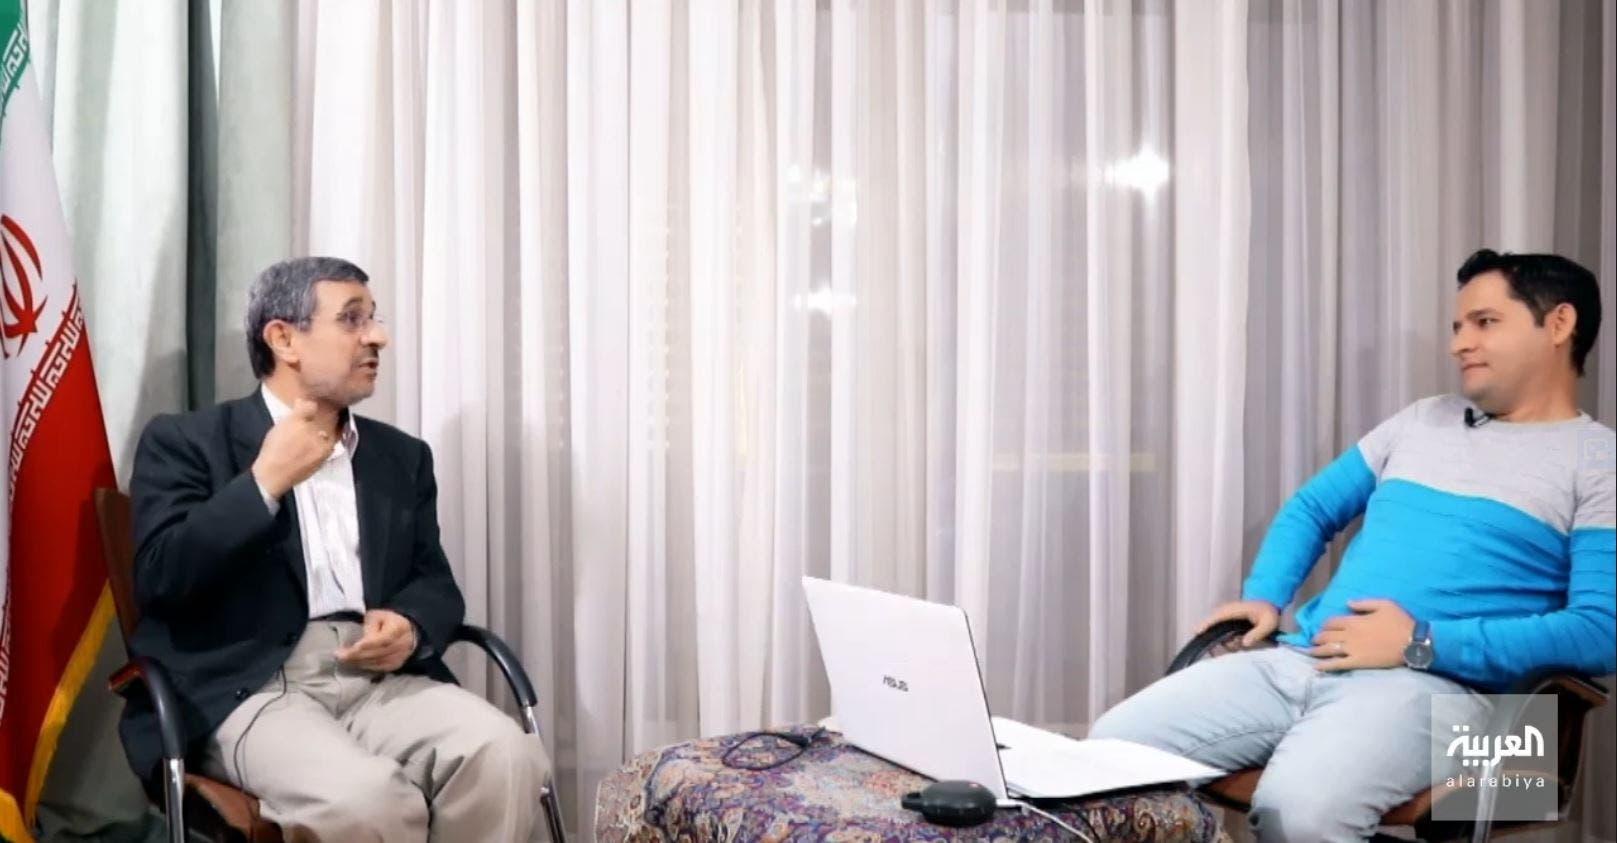 من مقابلة محمود أحمدي نجاد